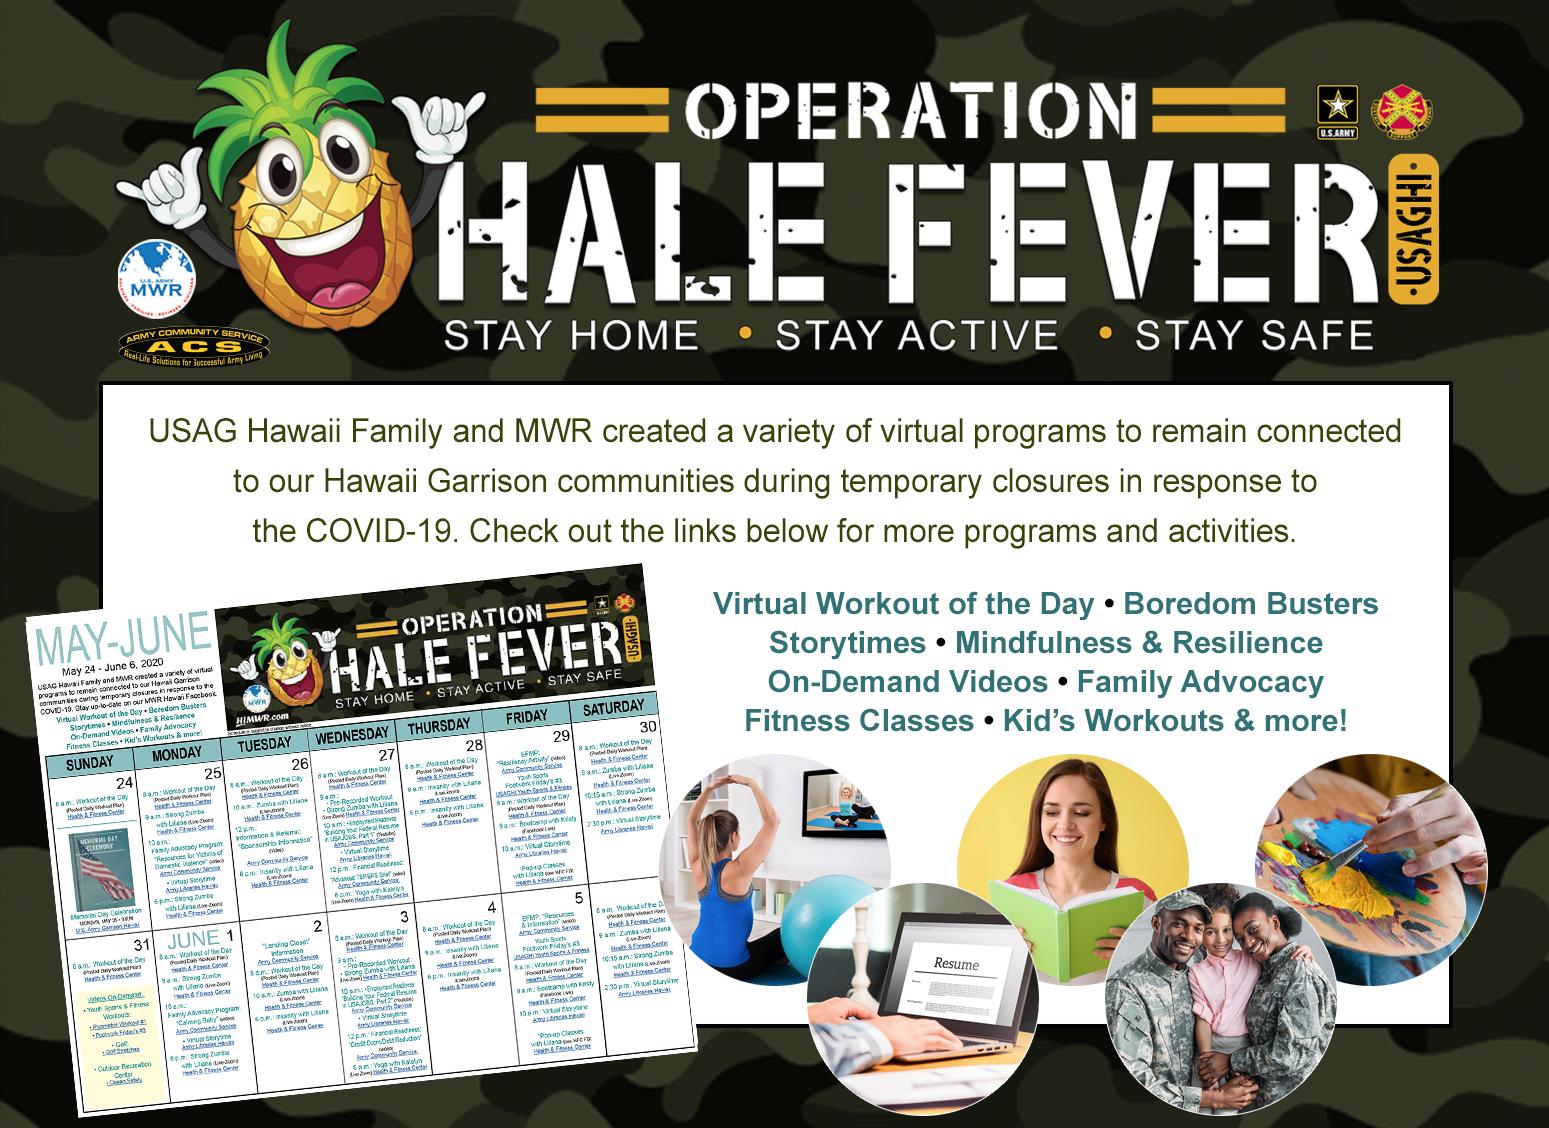 Operation Hale Fever